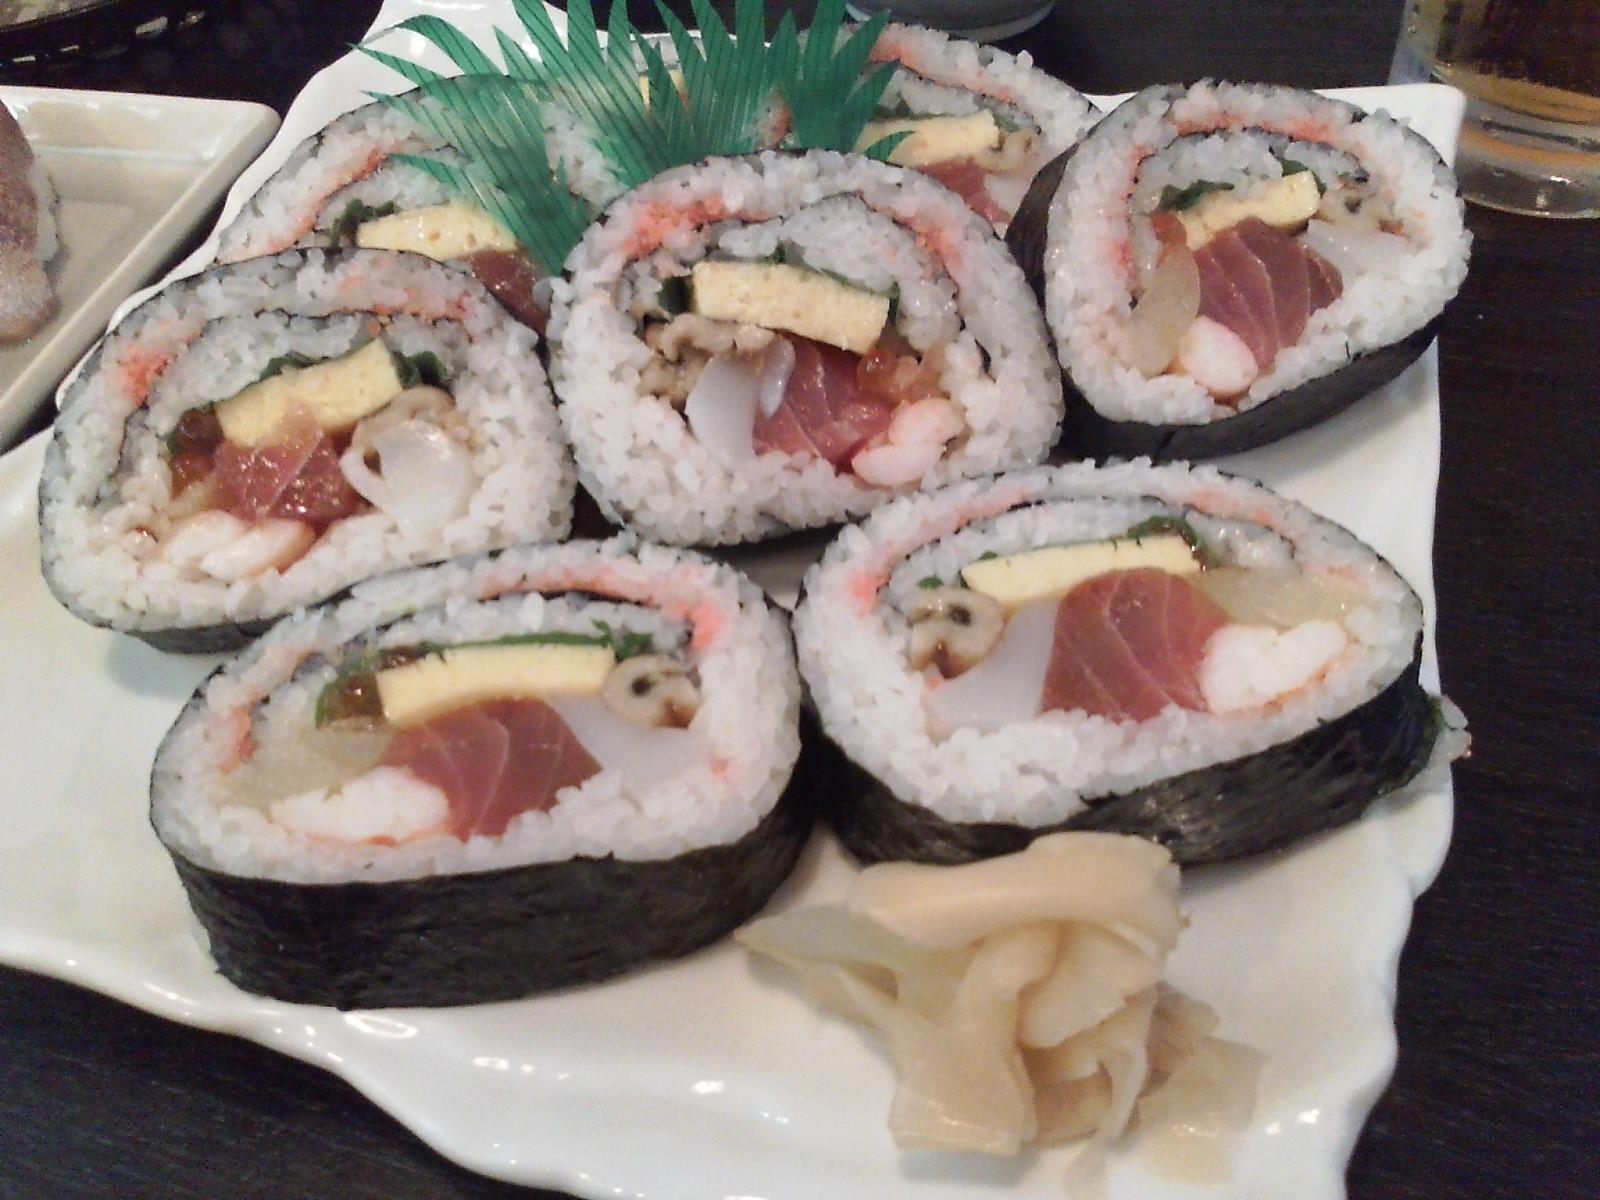 大鯛寿司 津店